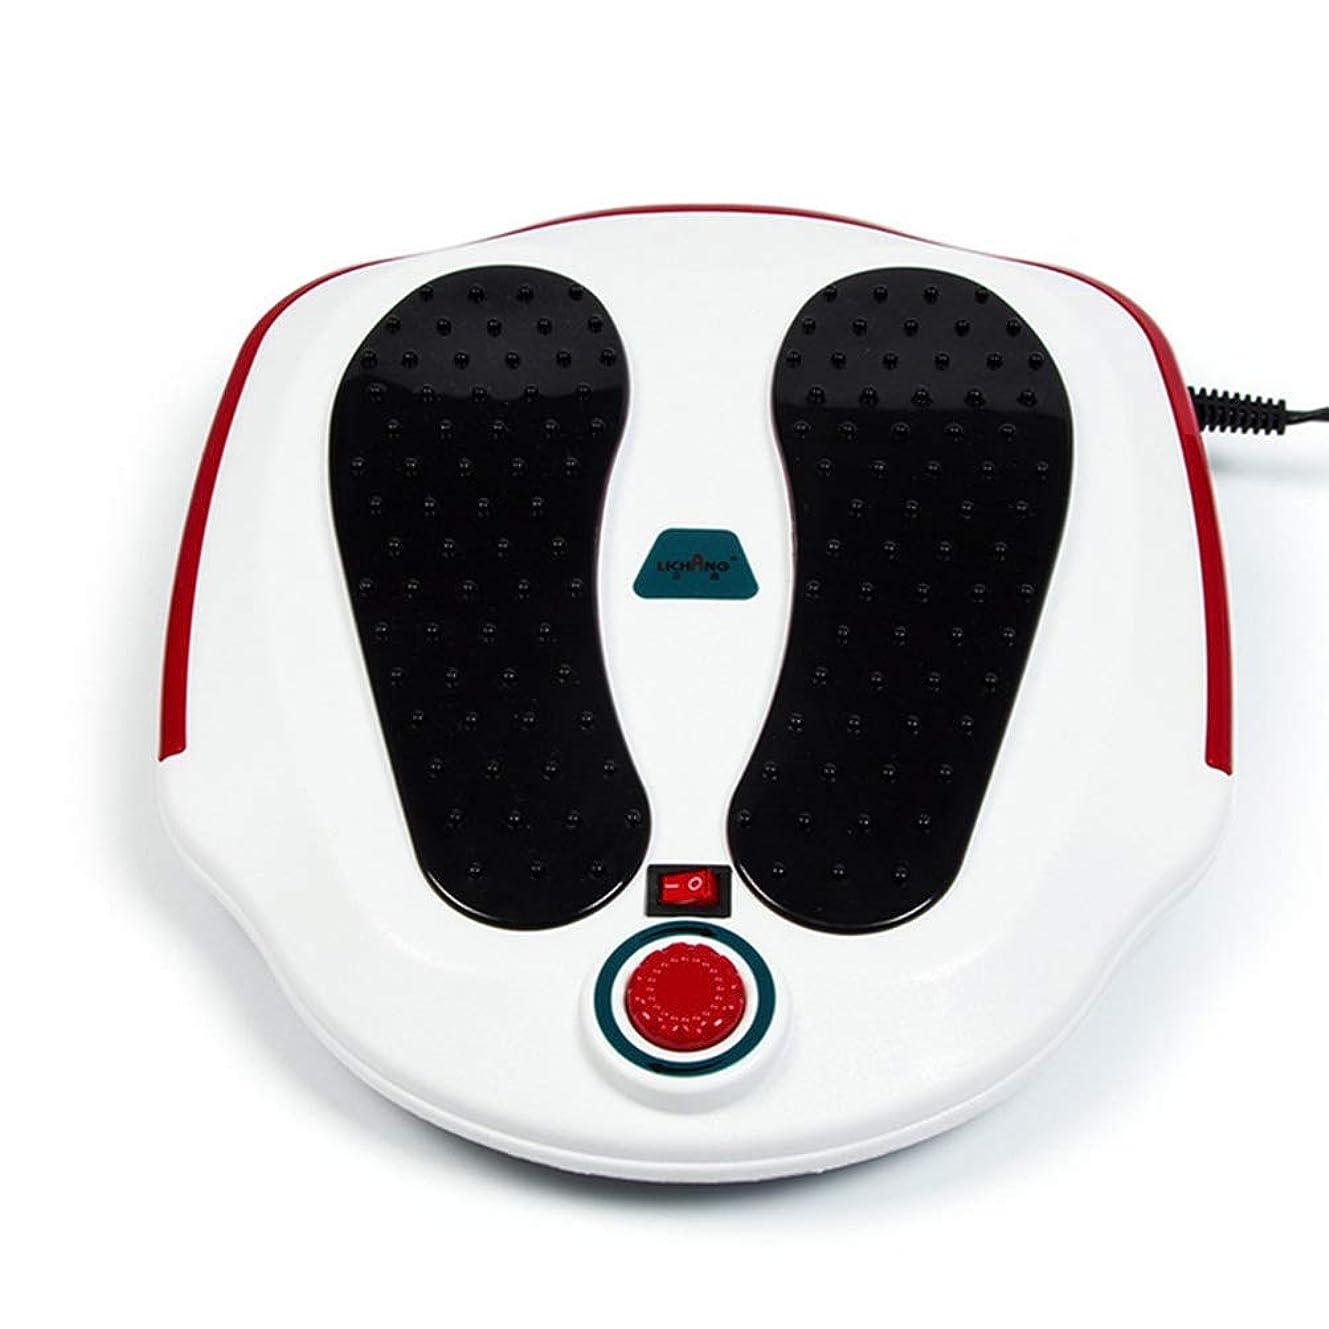 スムーズに砂利検証フットマッサージャー、フルフットマッサージエクスペリエンス用ABS素材、循環系の改善、硬い筋肉の柔らかさ、痛みの緩和治療。